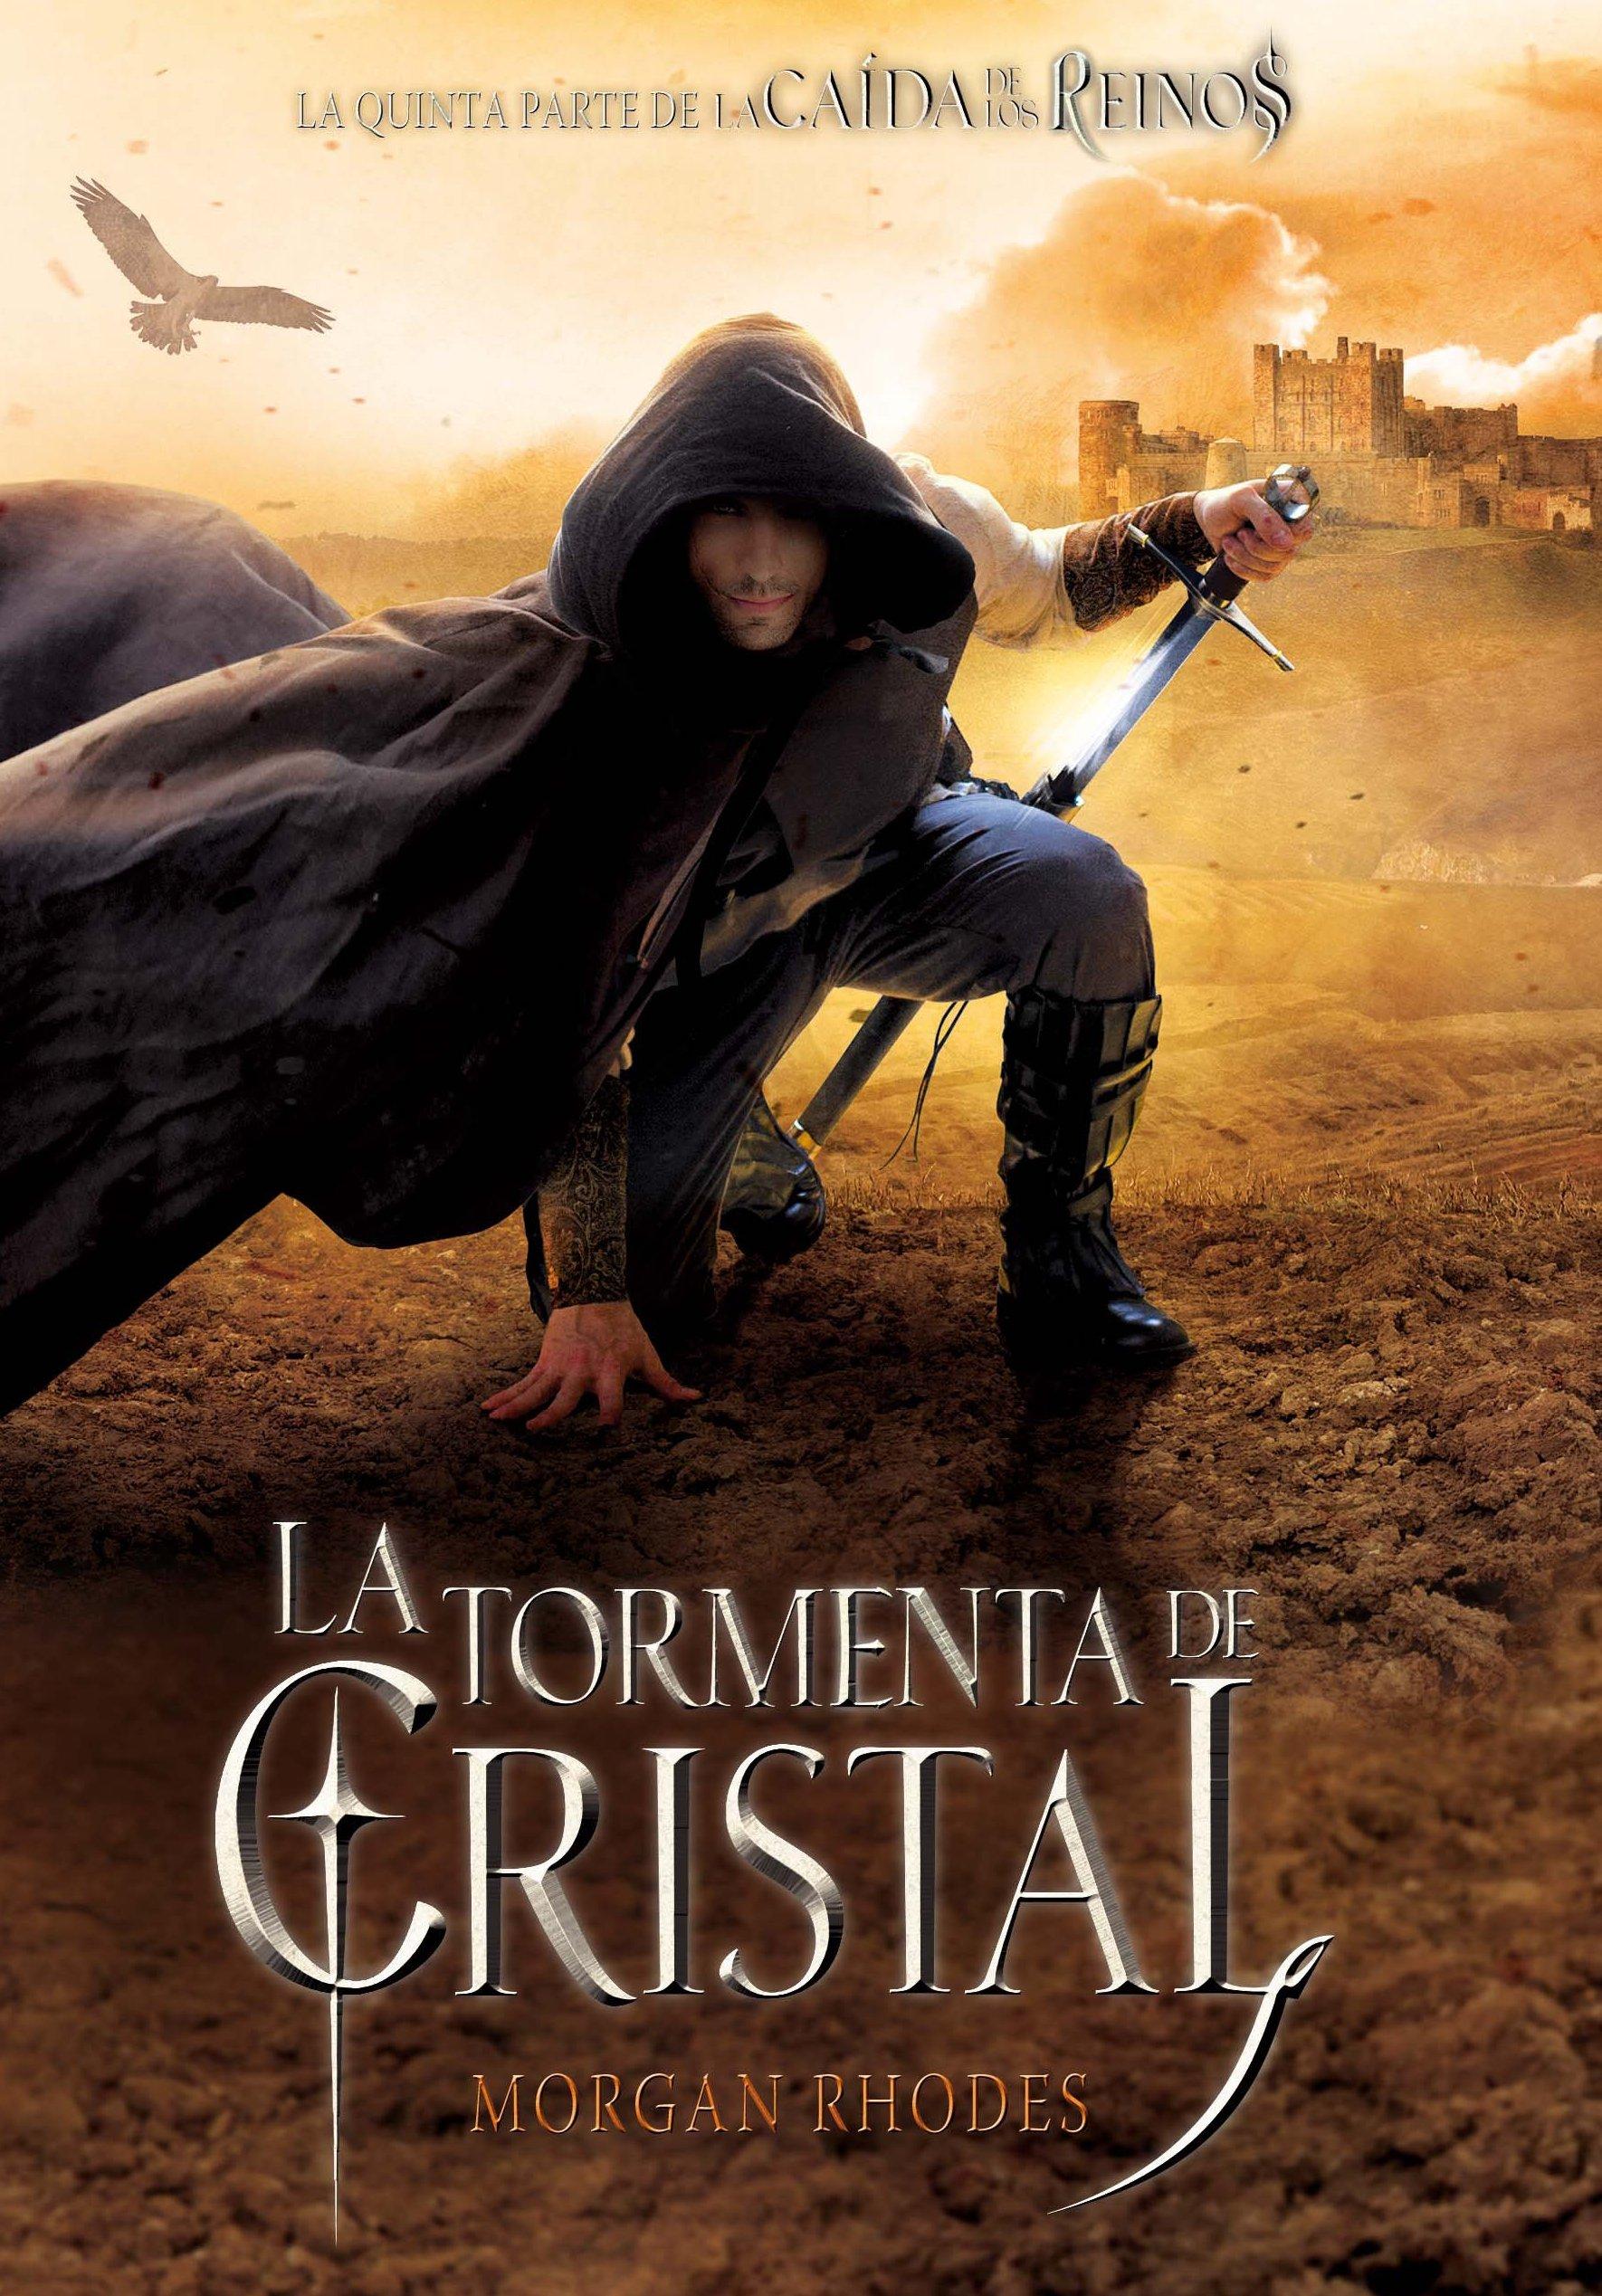 La tormenta de cristal: 5 (La caída de los reinos)